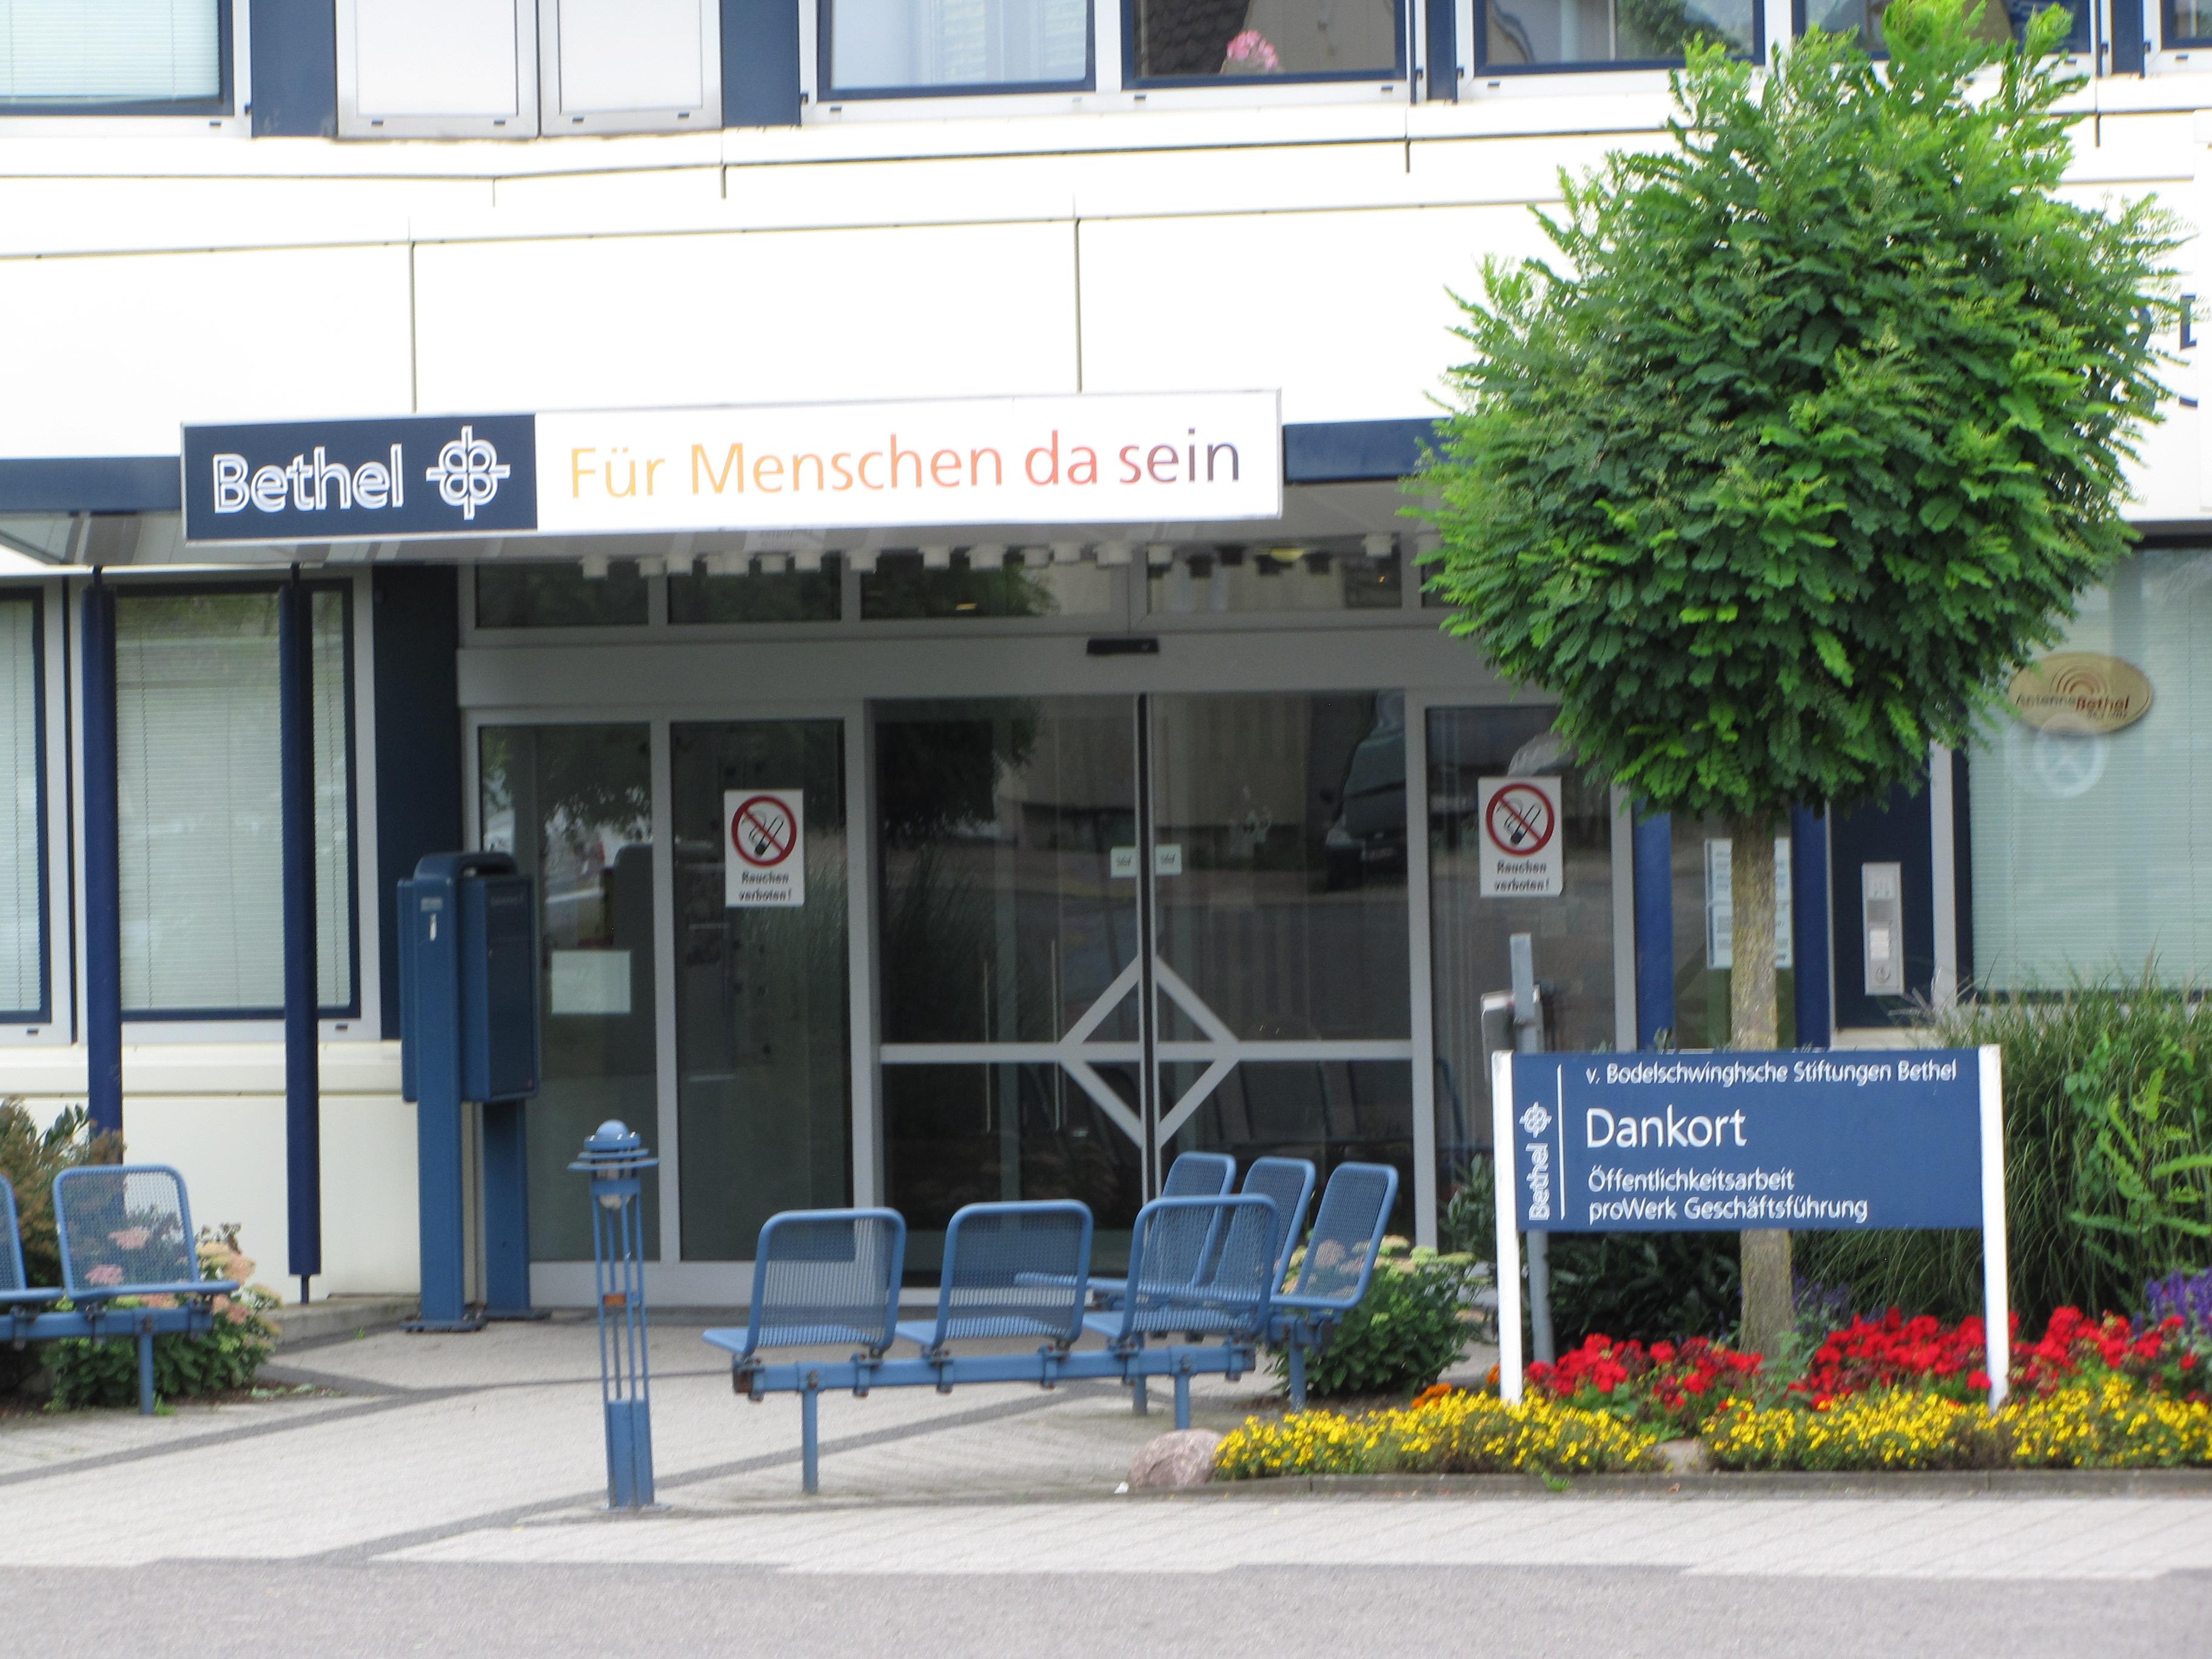 Bethel Bielefeld Bodelschwingsche Anstalten Bielefeld NRW (12)